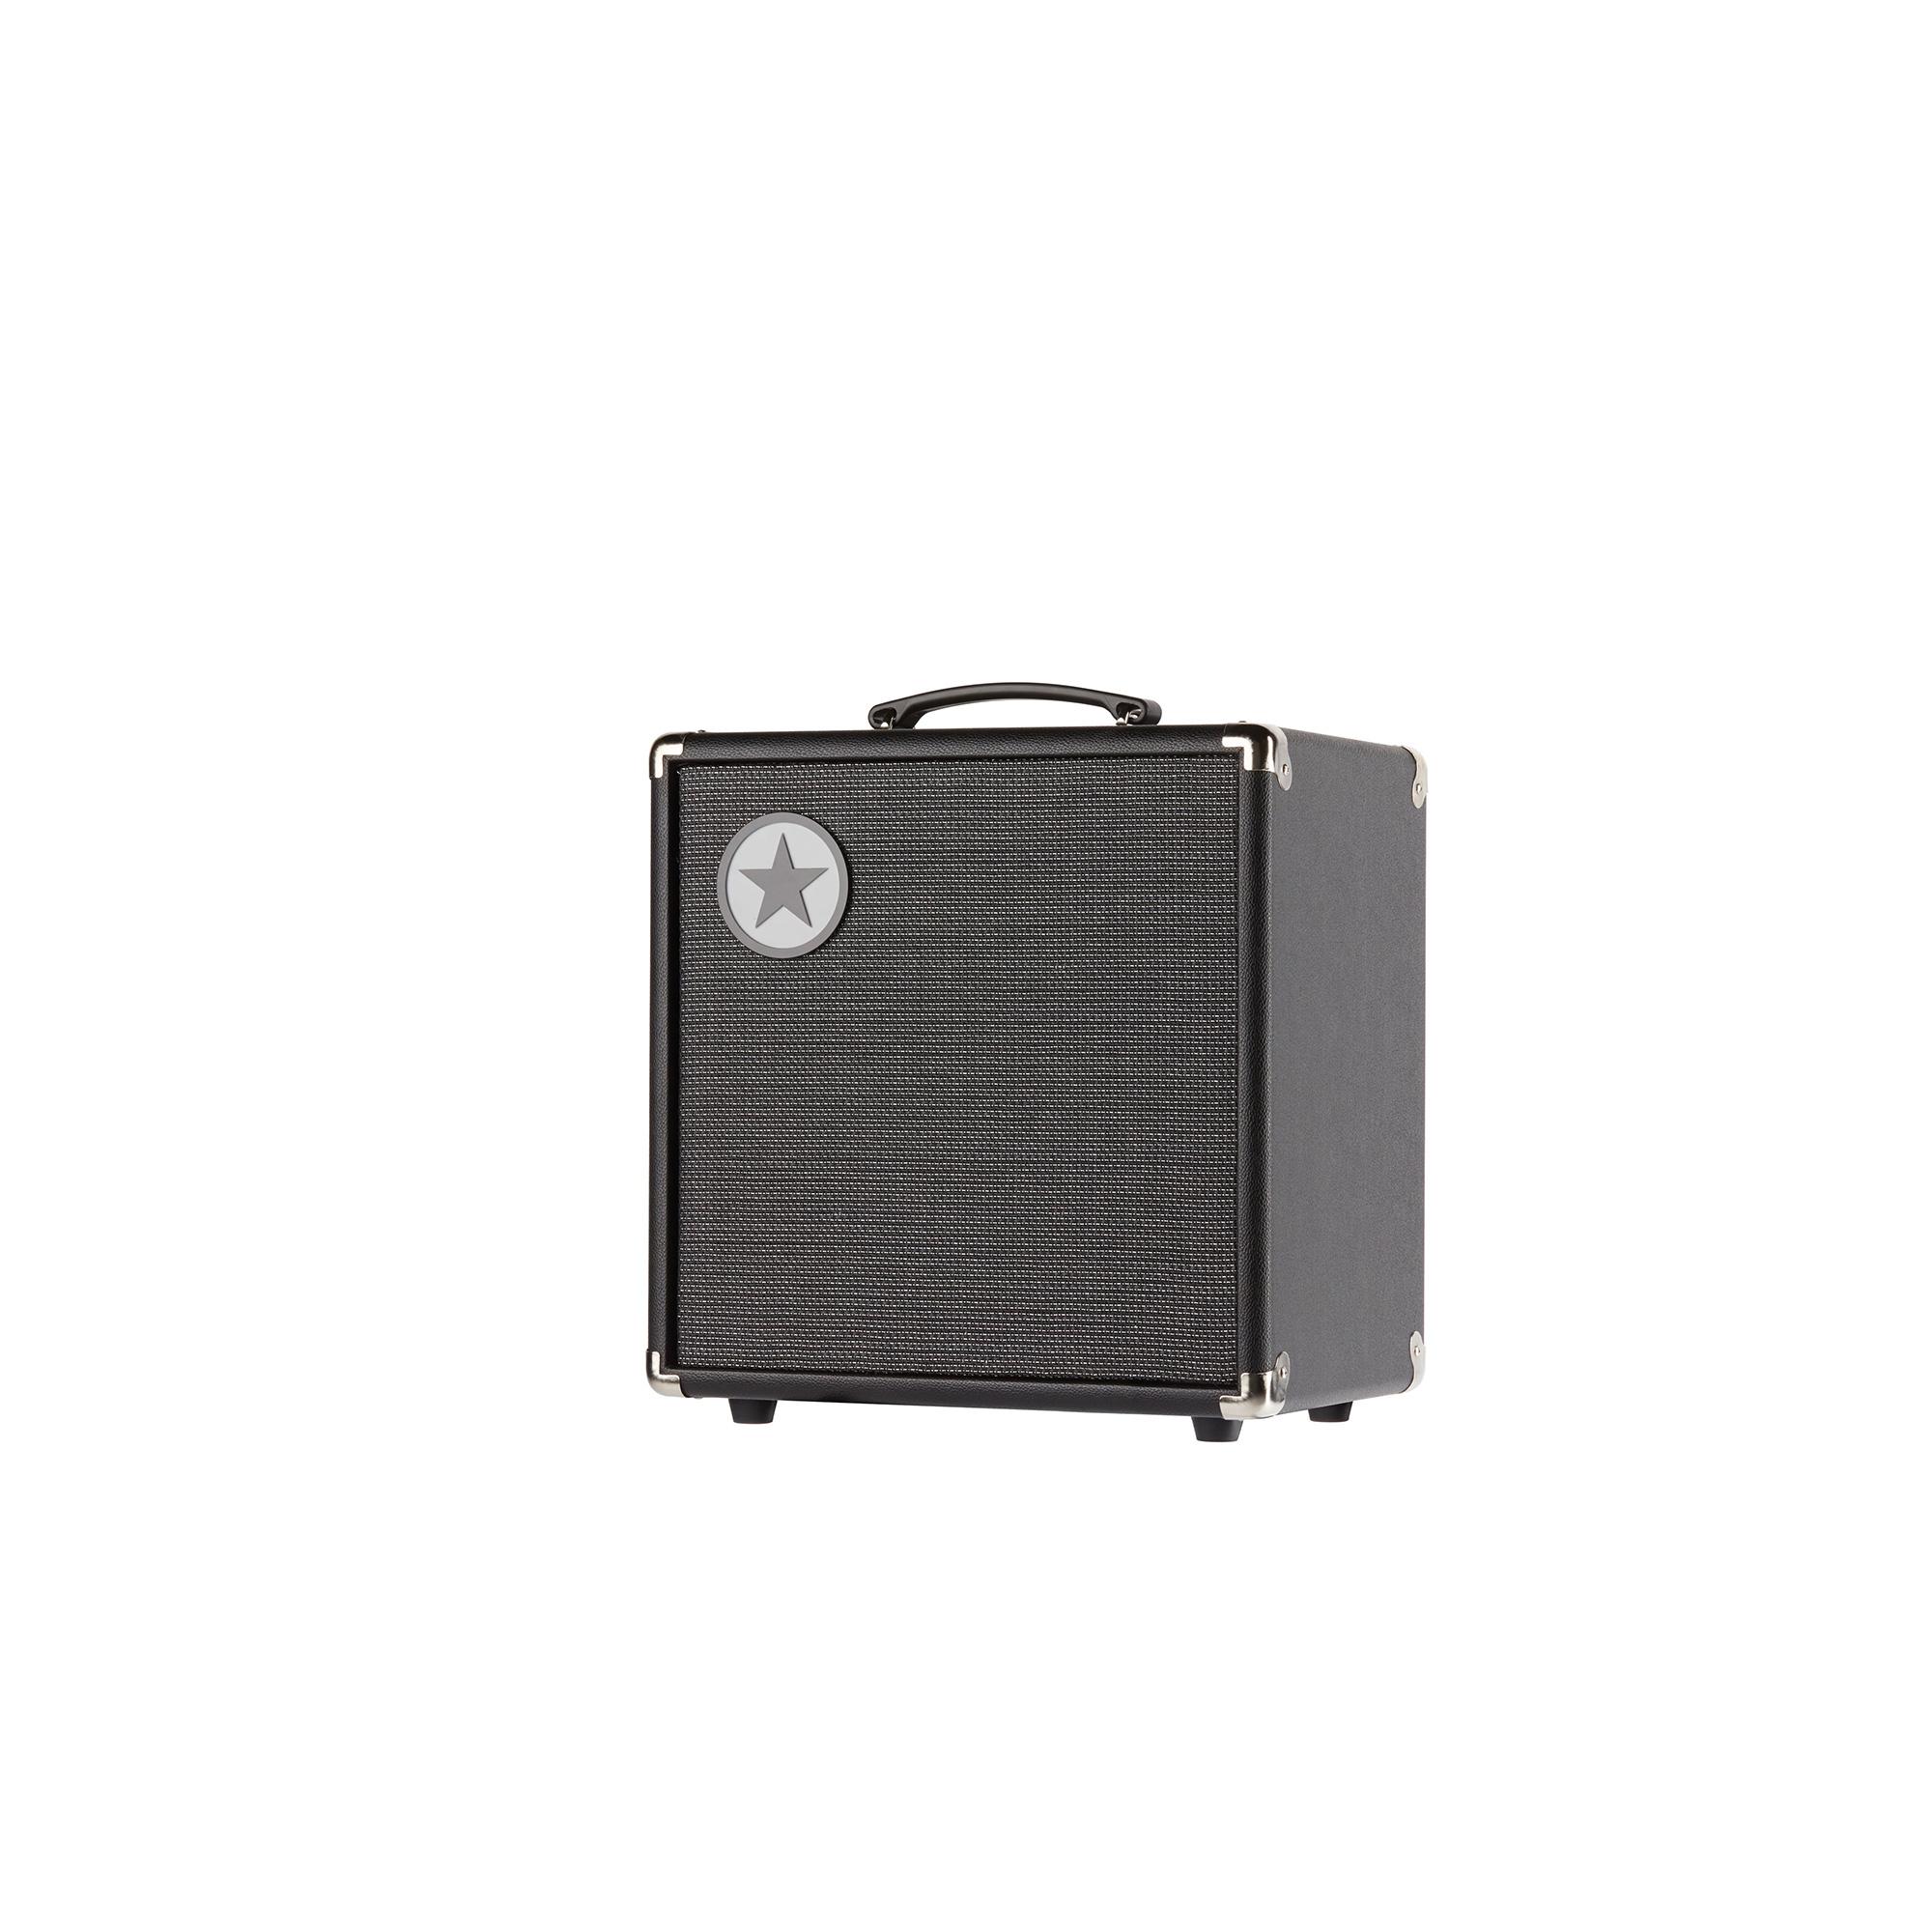 Blackstar - Combo Unity 30 basse électrique 30W HP 8